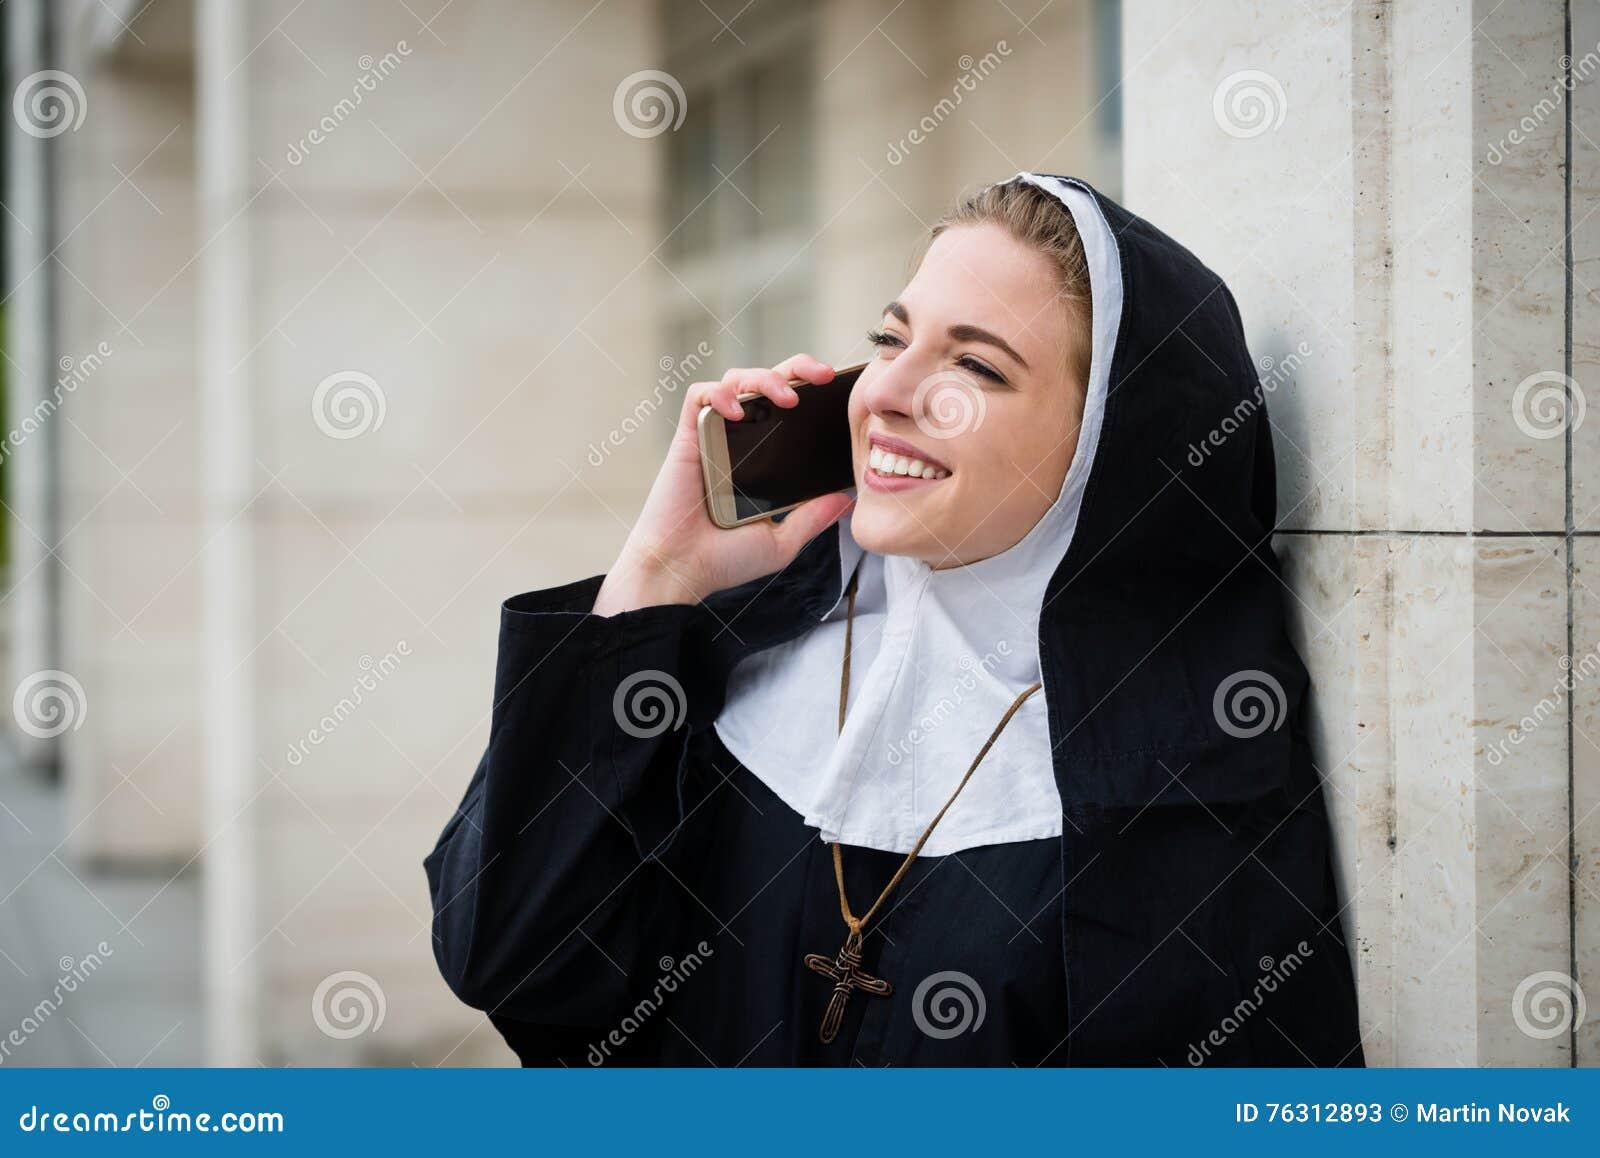 Монашки видео на телефон фото 199-33